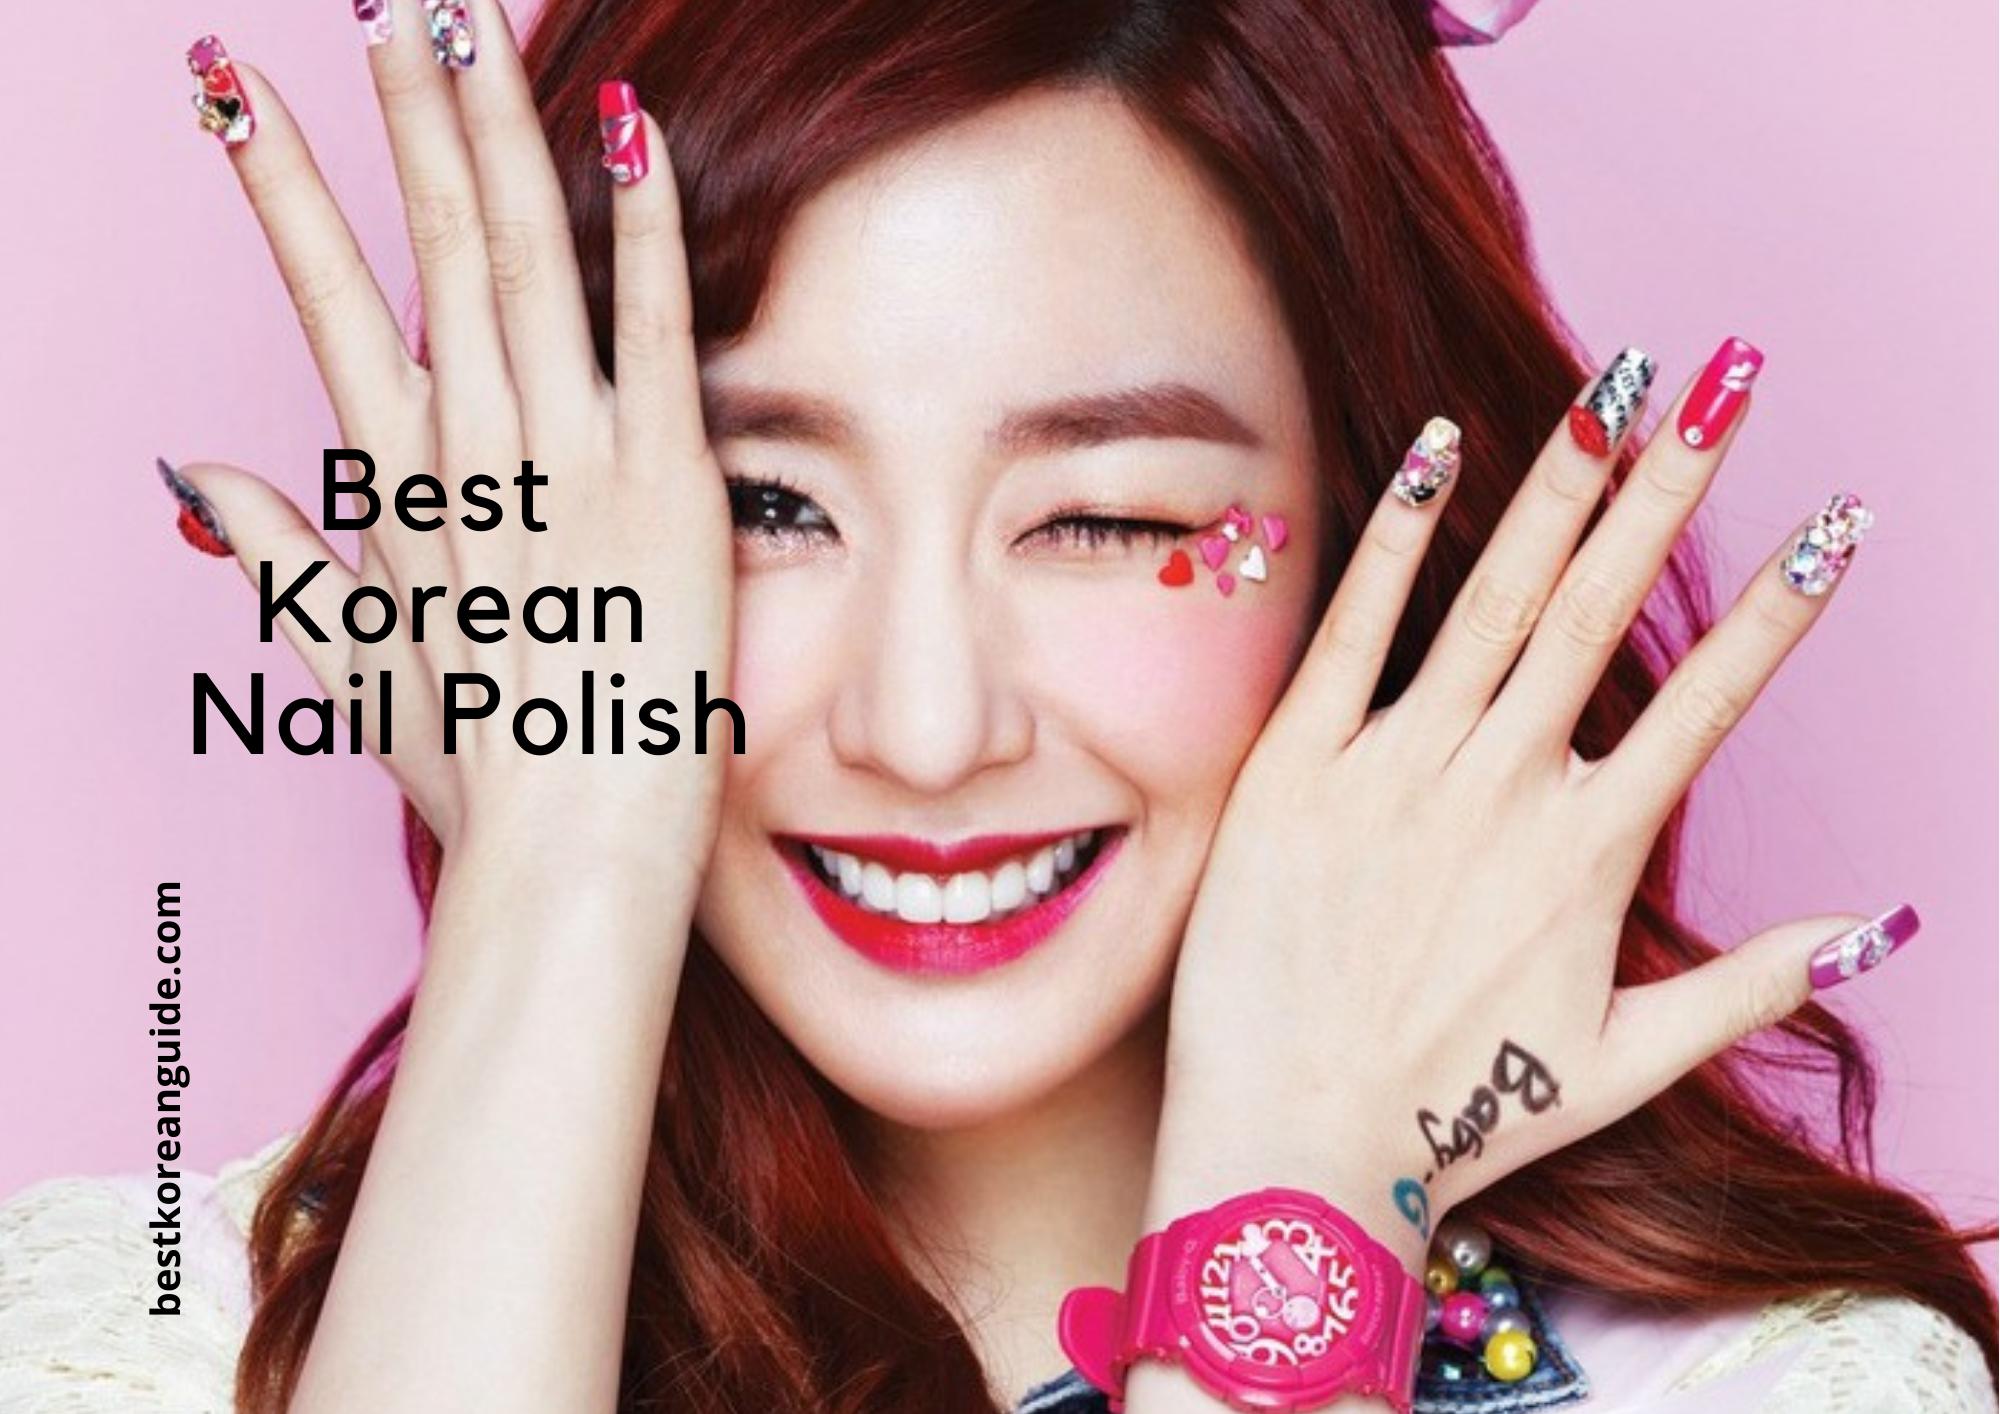 Best Korean Nail Polish